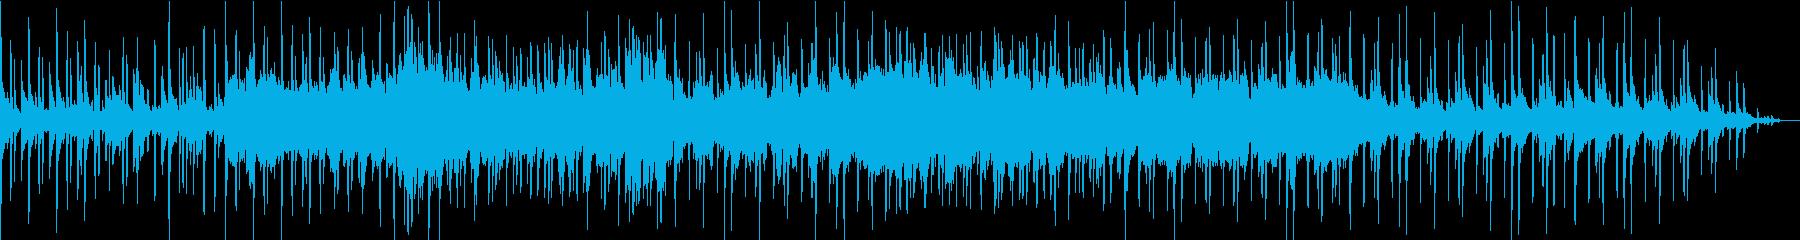 未来を奏でる二胡の旋律が美しいBGMの再生済みの波形